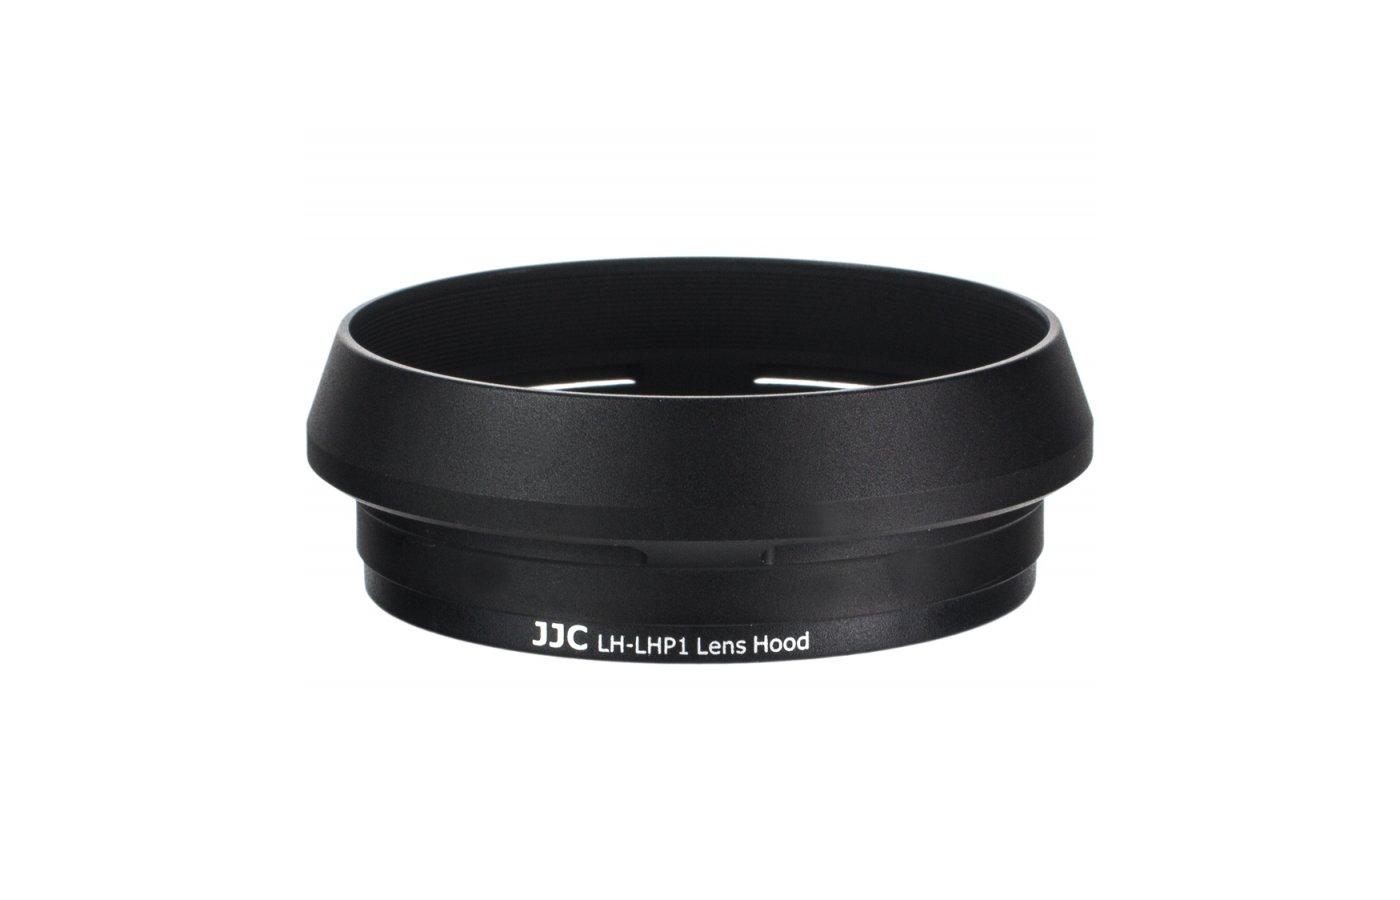 Бленда JJC LH-LHP1 для Sony DSC-RX1